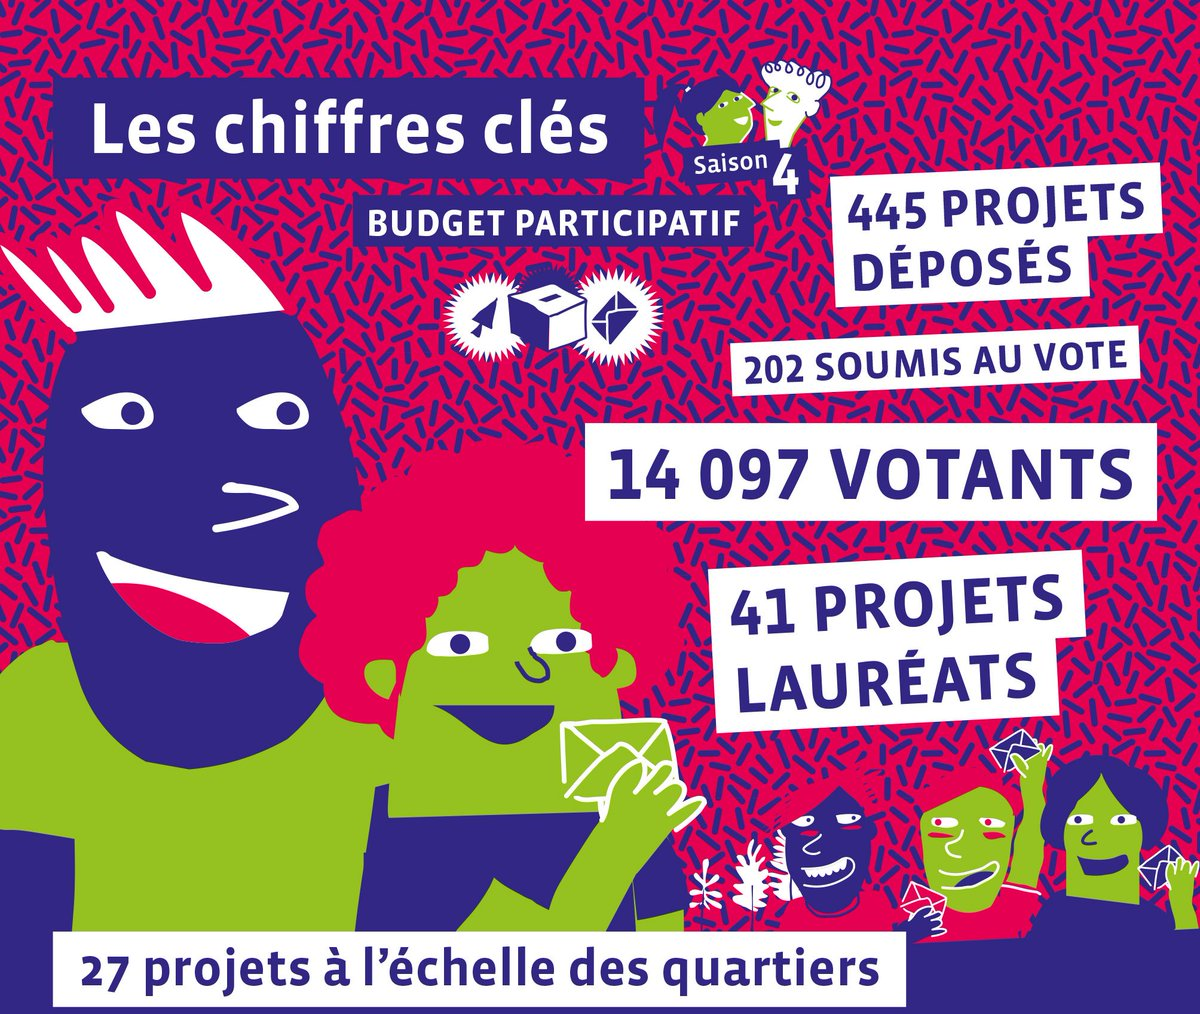 VILLE DE RENNES – BUDGET PARTICIPATIF 2019